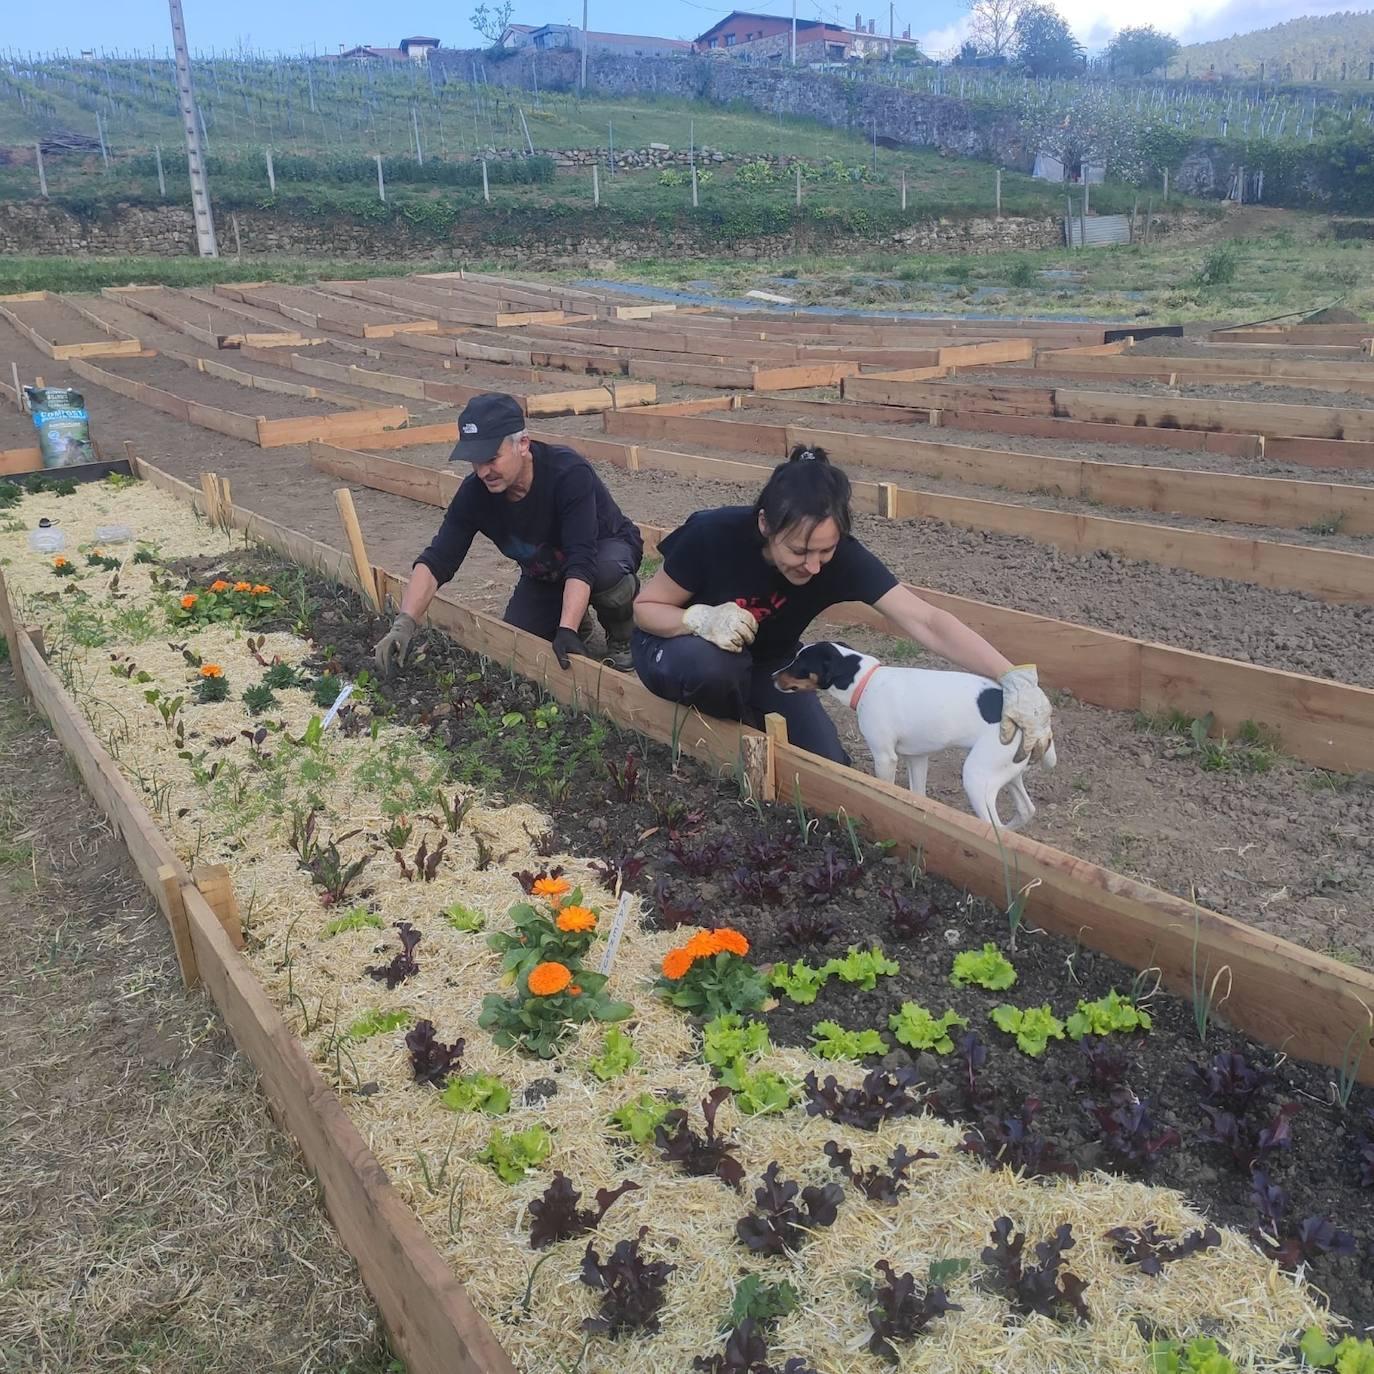 Bakio se vuelca en la agricultura ecológica de autoconsumo con los huertos urbanos